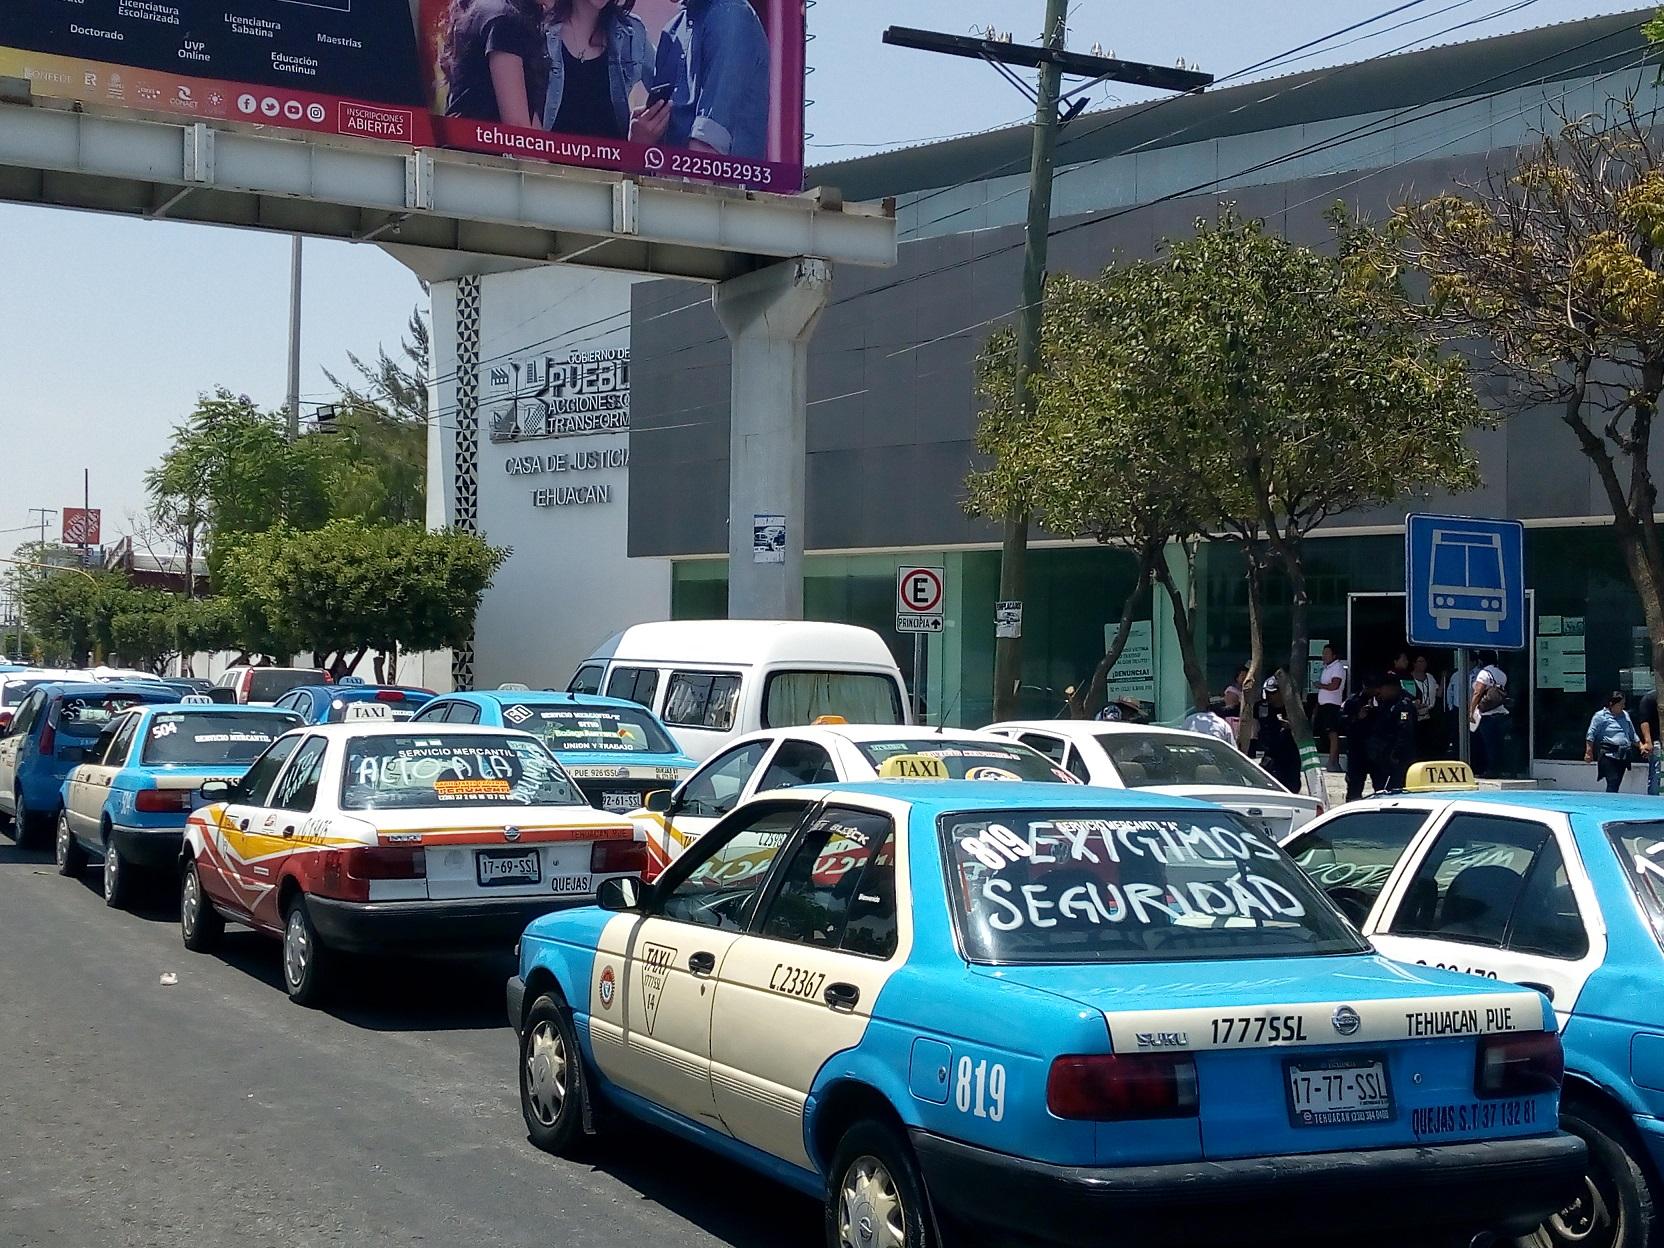 Con armas y drogas han detenido a taxistas en Tehuacán